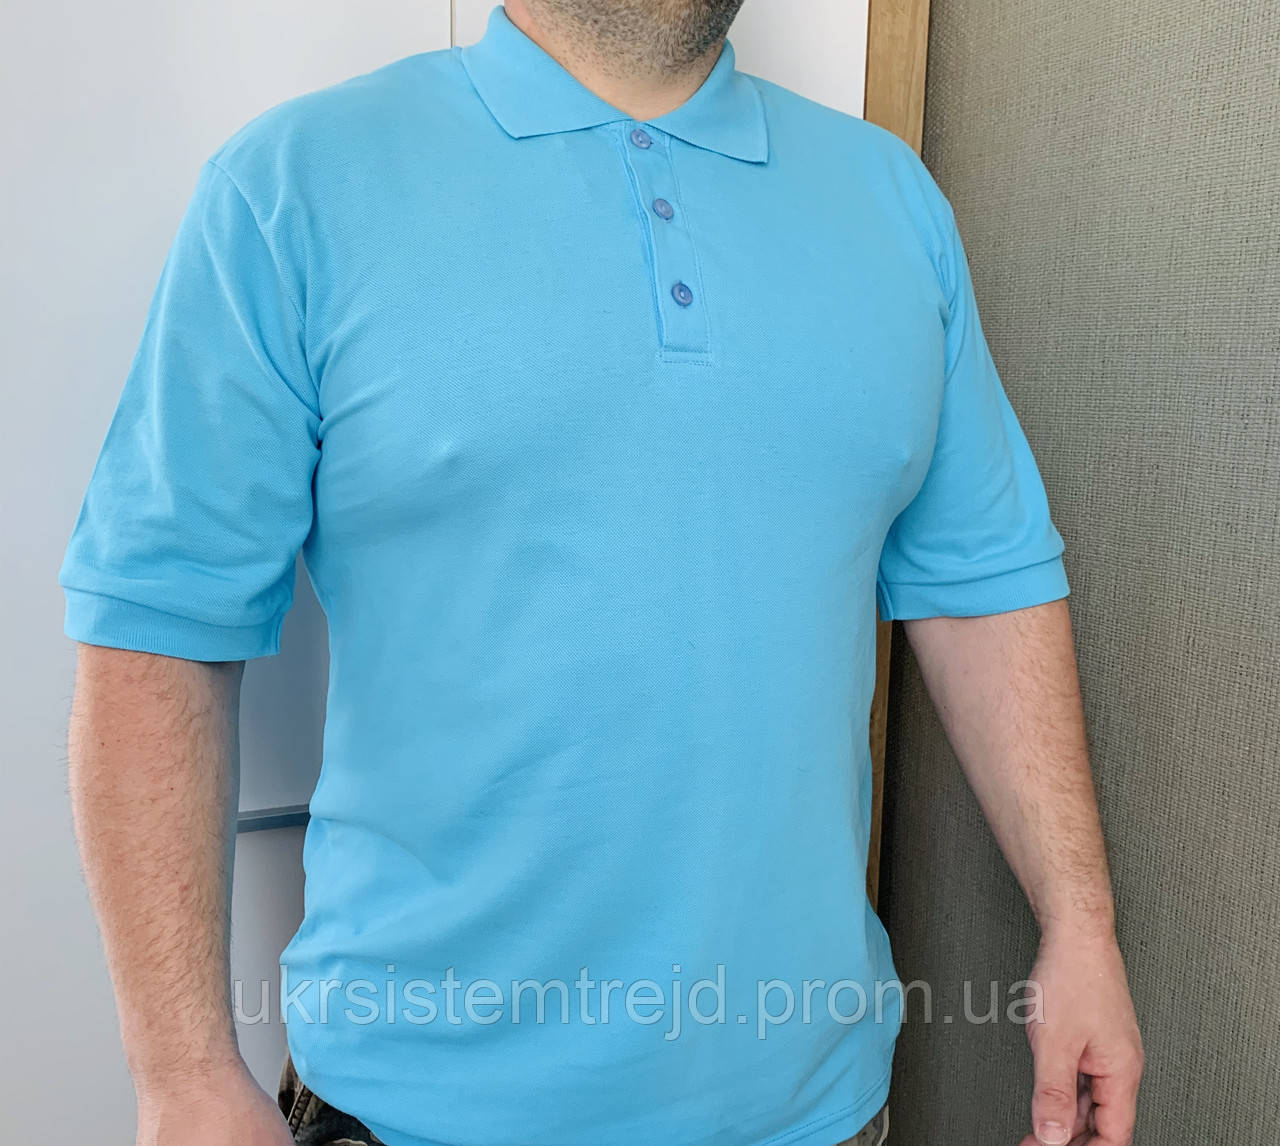 Футболка Поло голубой цвет (большой размер).